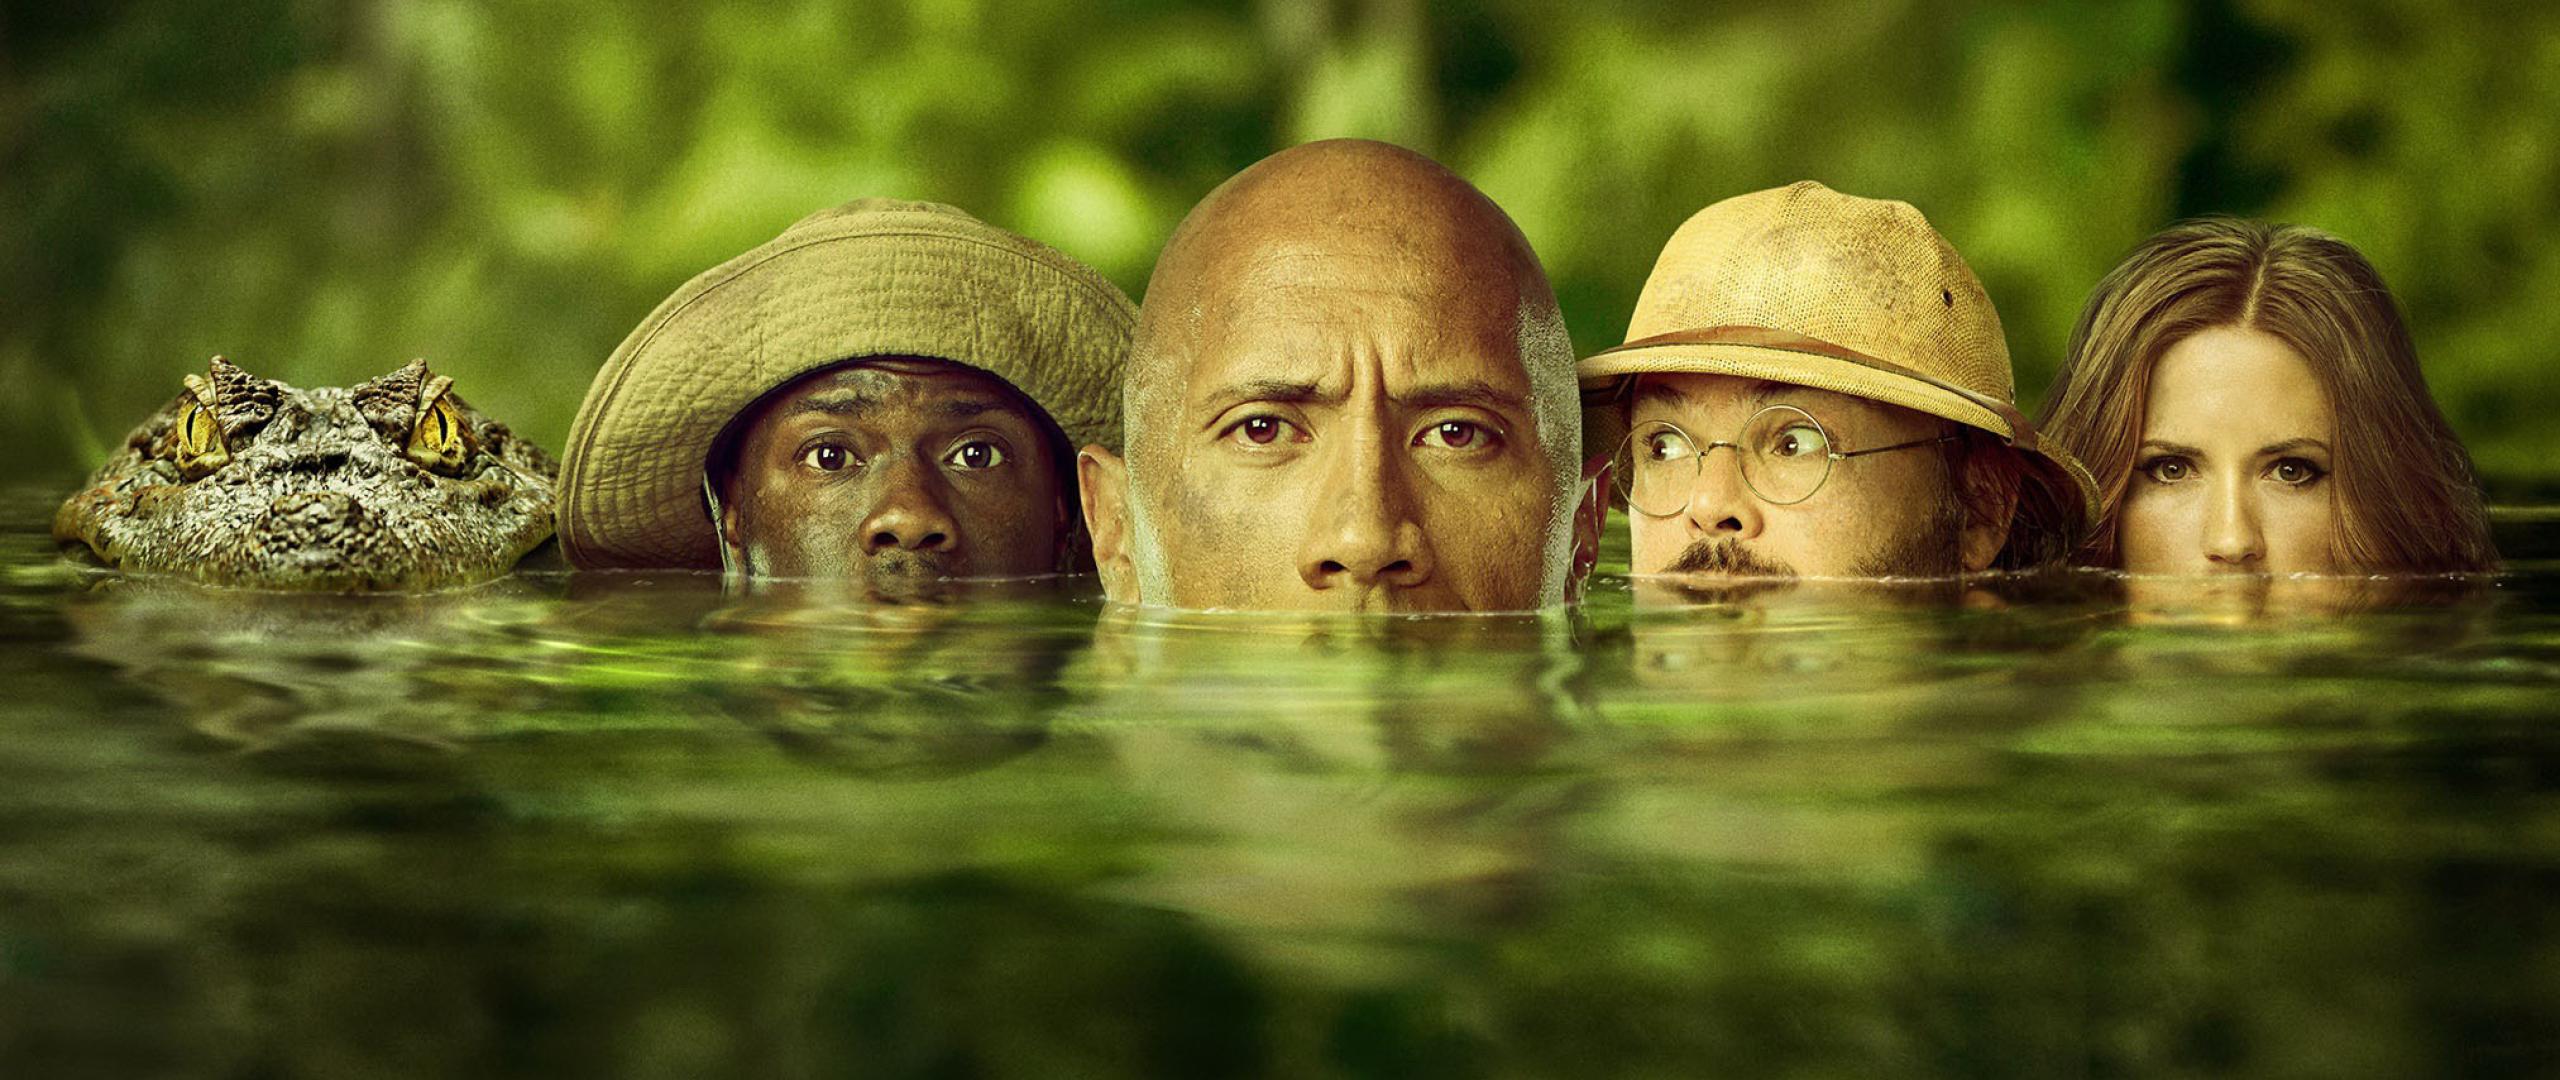 Jumanji Welcome To The Jungle 2017, Full HD 2K Wallpaper